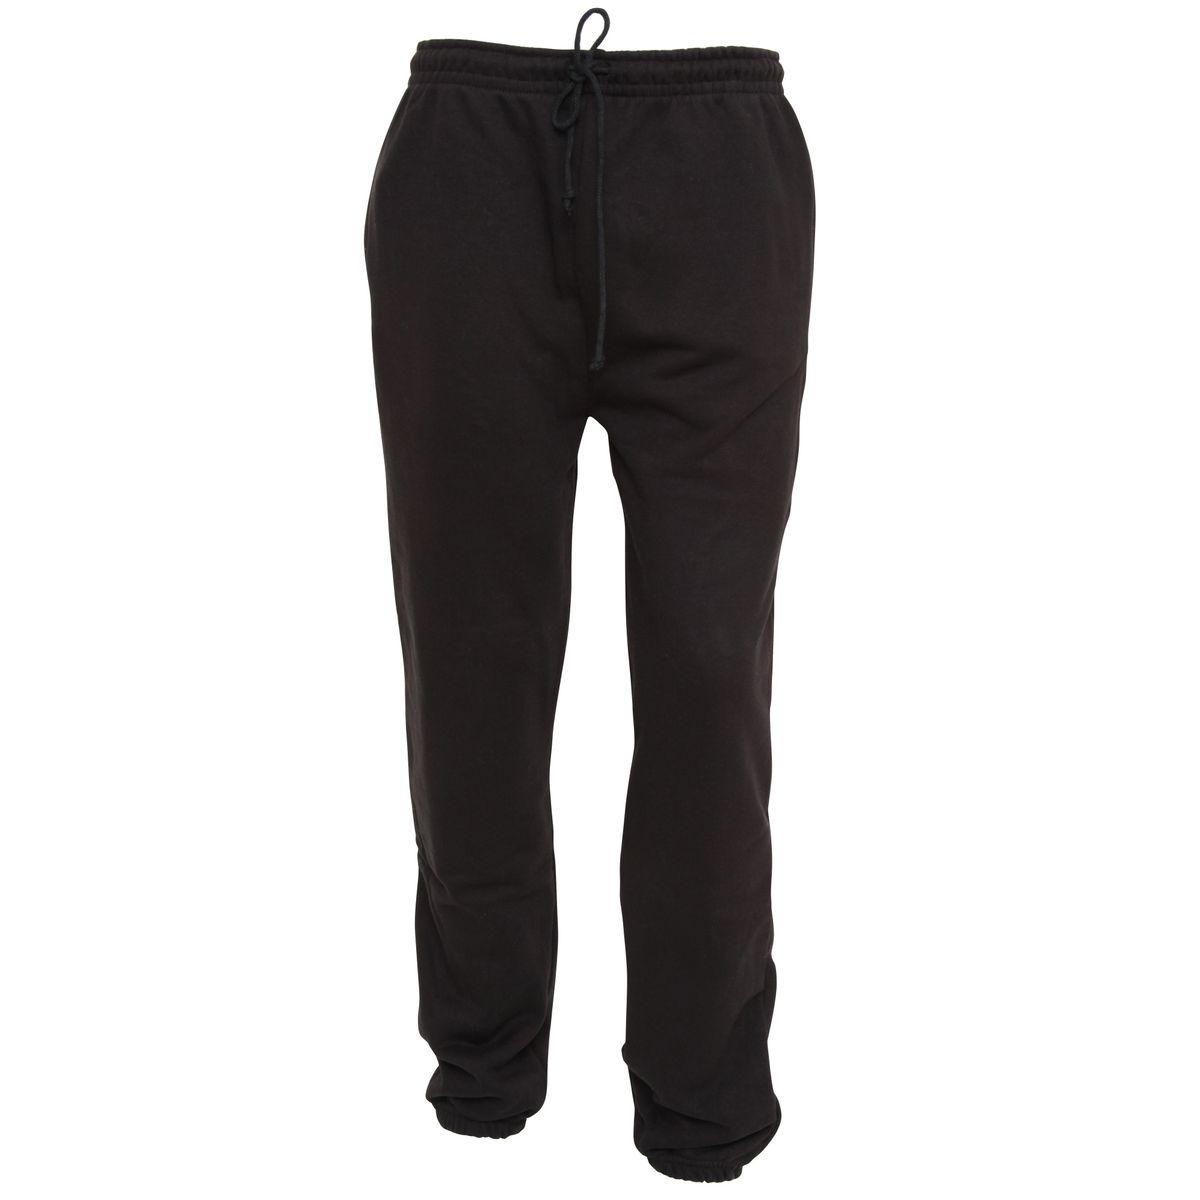 Pantalon de jogging (bas de jambes élastiques)